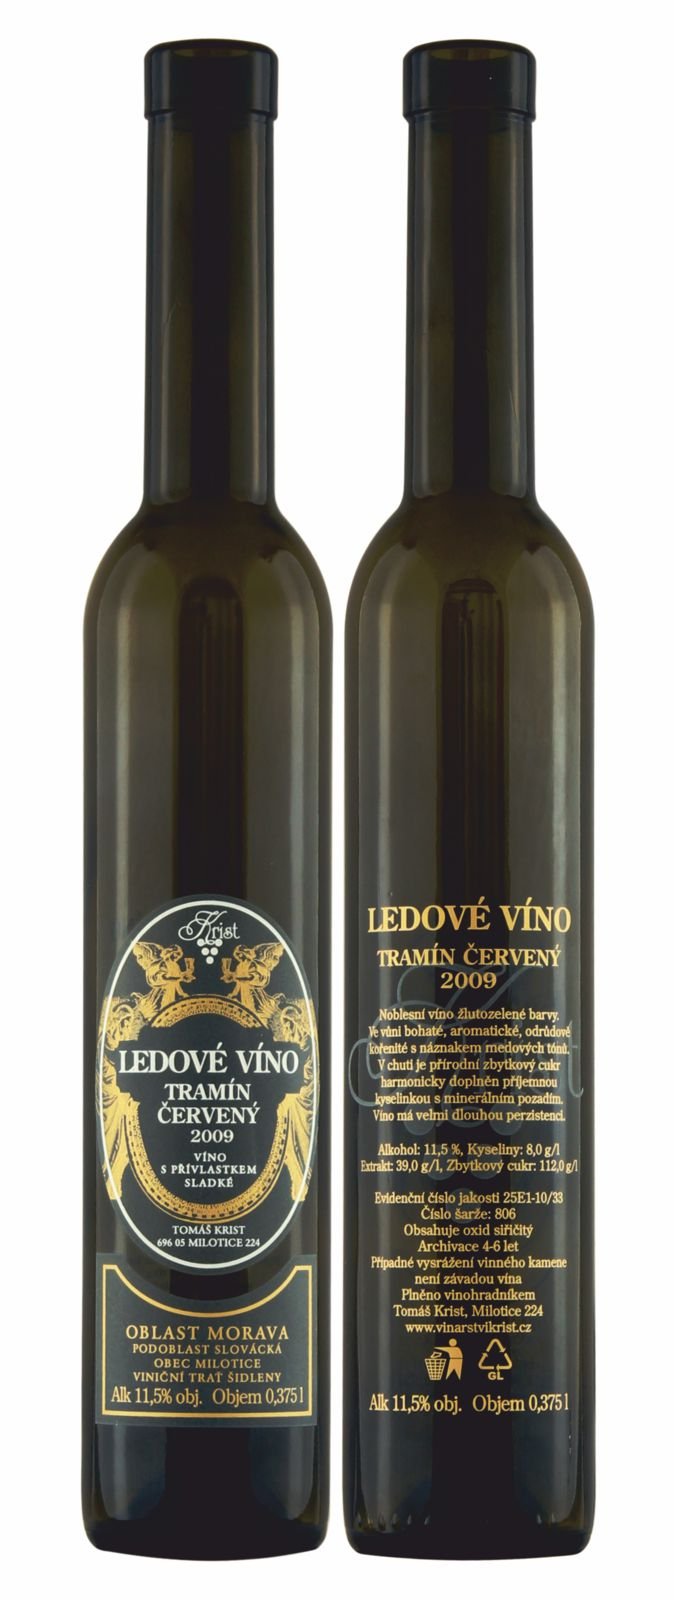 Potisk láhve ledové víno Tomáš Krist